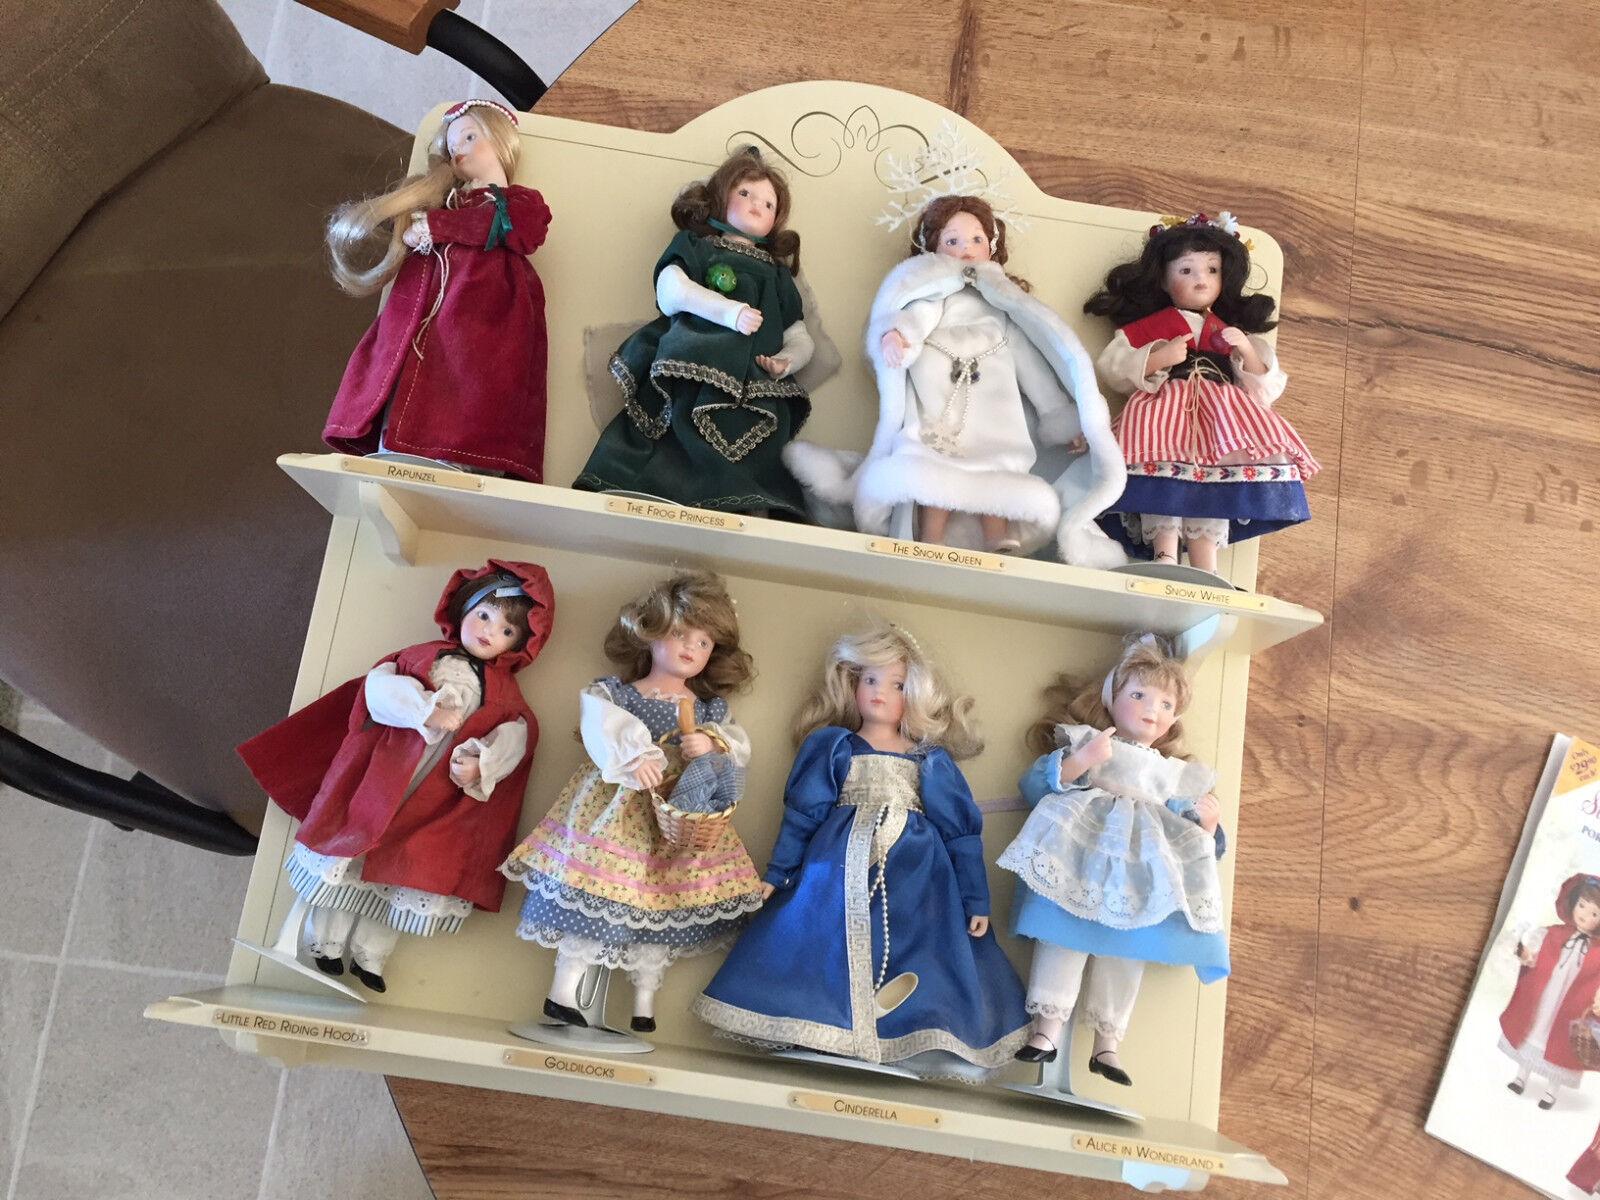 Danbury Miny Treasurosso Story Books Porcelain Dolls with Display Shelf